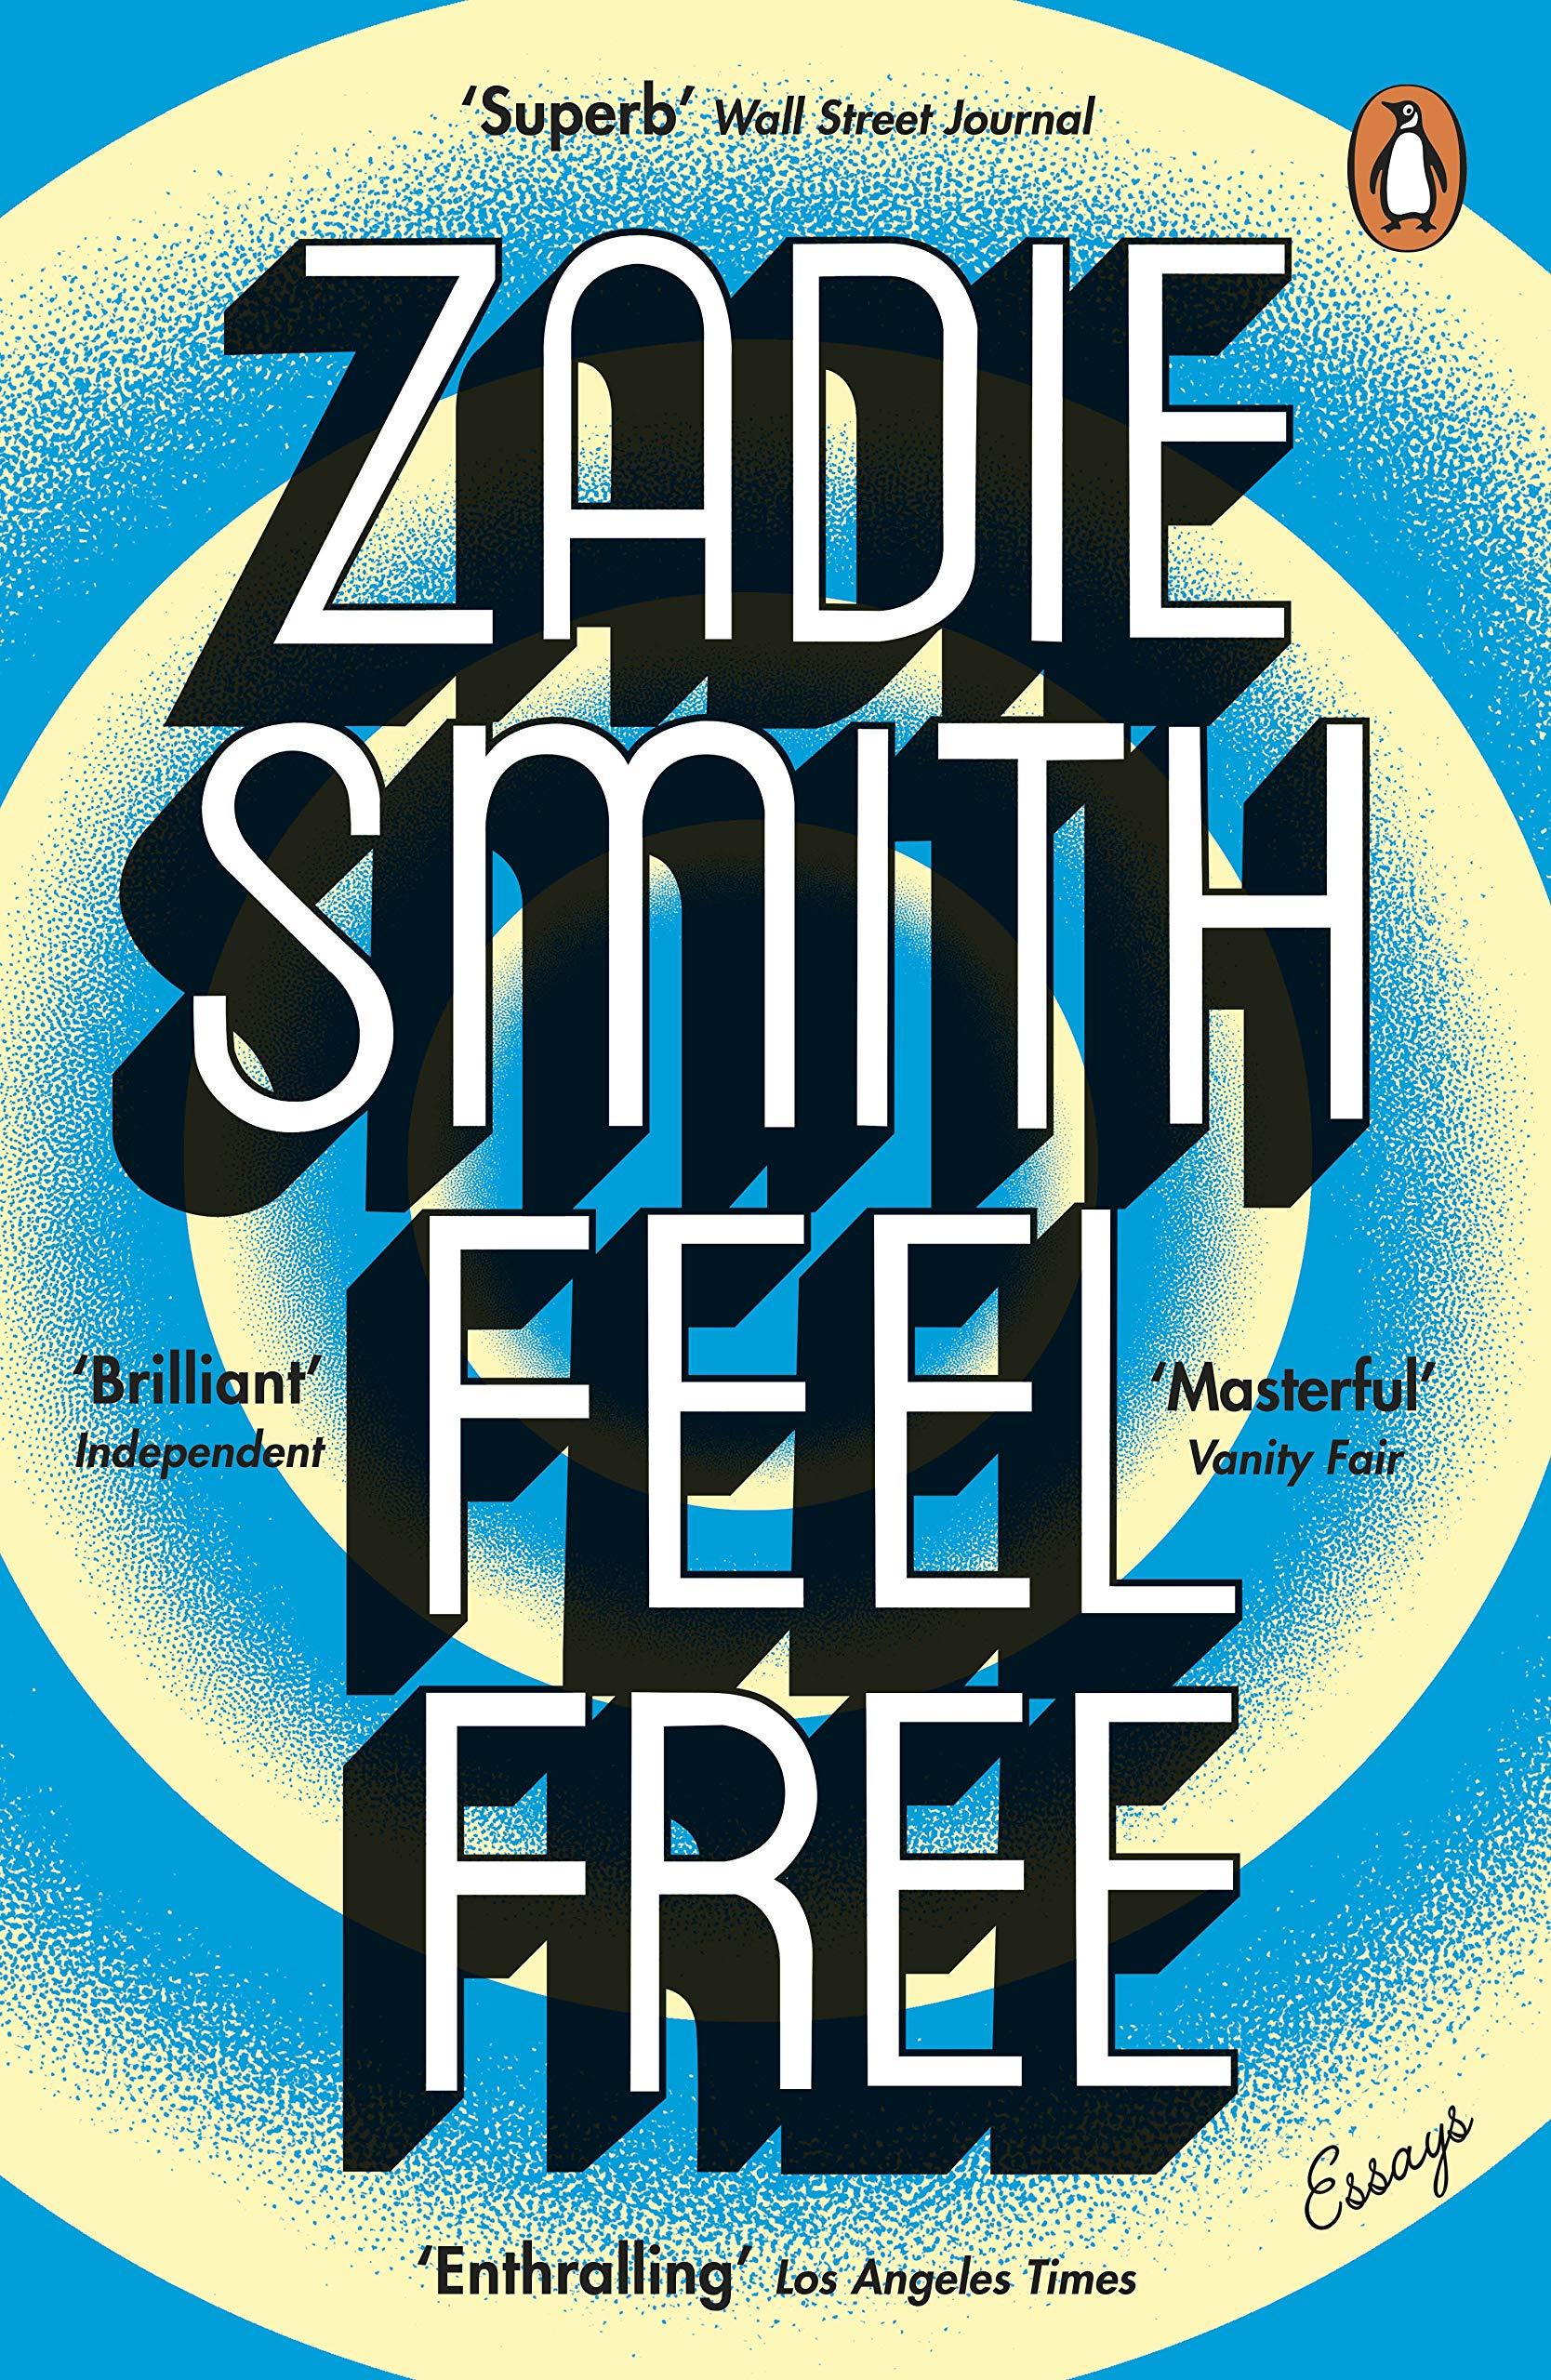 Generation why zadie smith essay